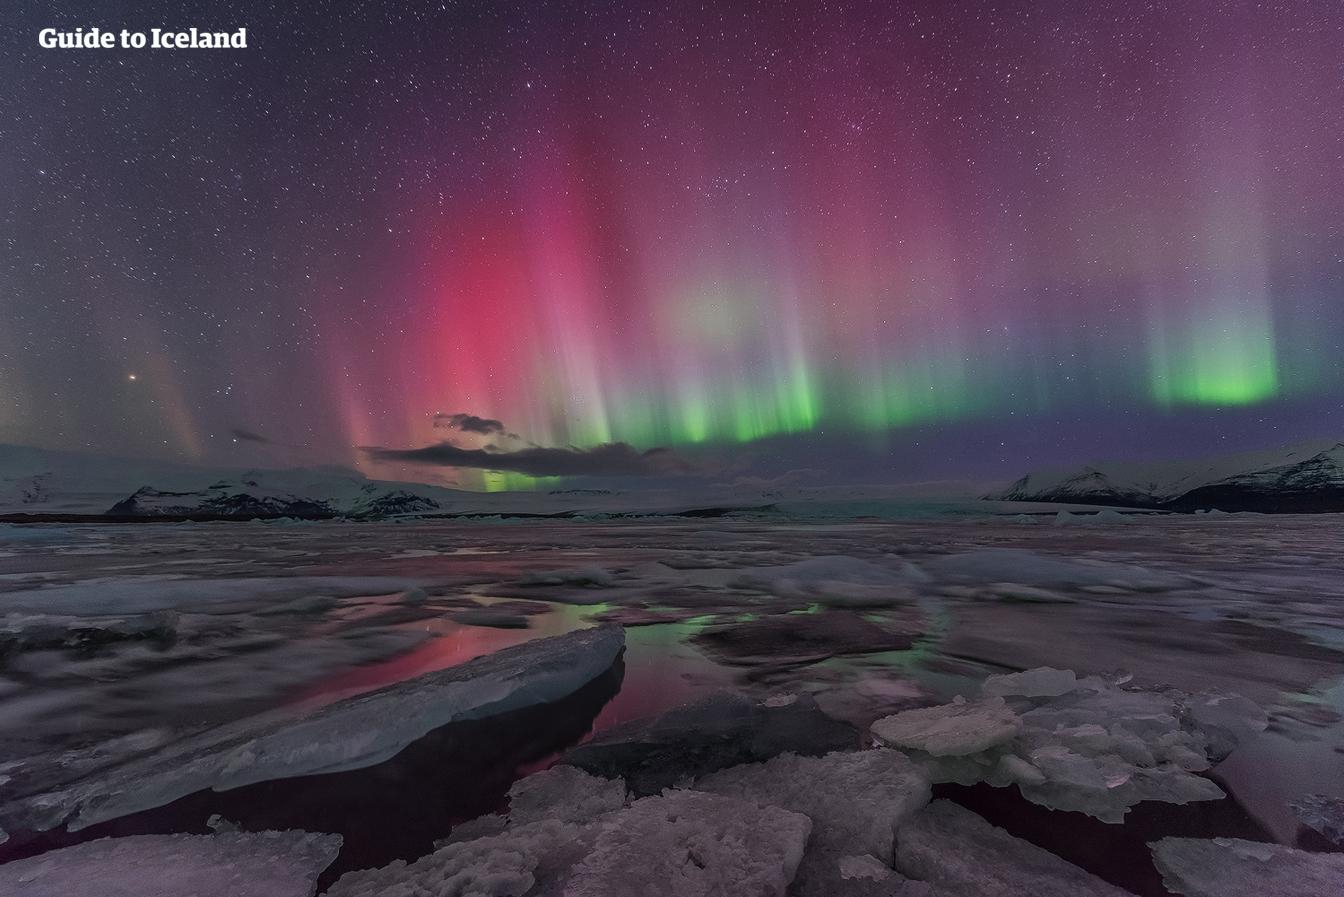 Jökulsárlón har doblet seg i størrelse i løpet av et femten år, men er liten i forhold til nordlyset som brer seg utover himmelen.